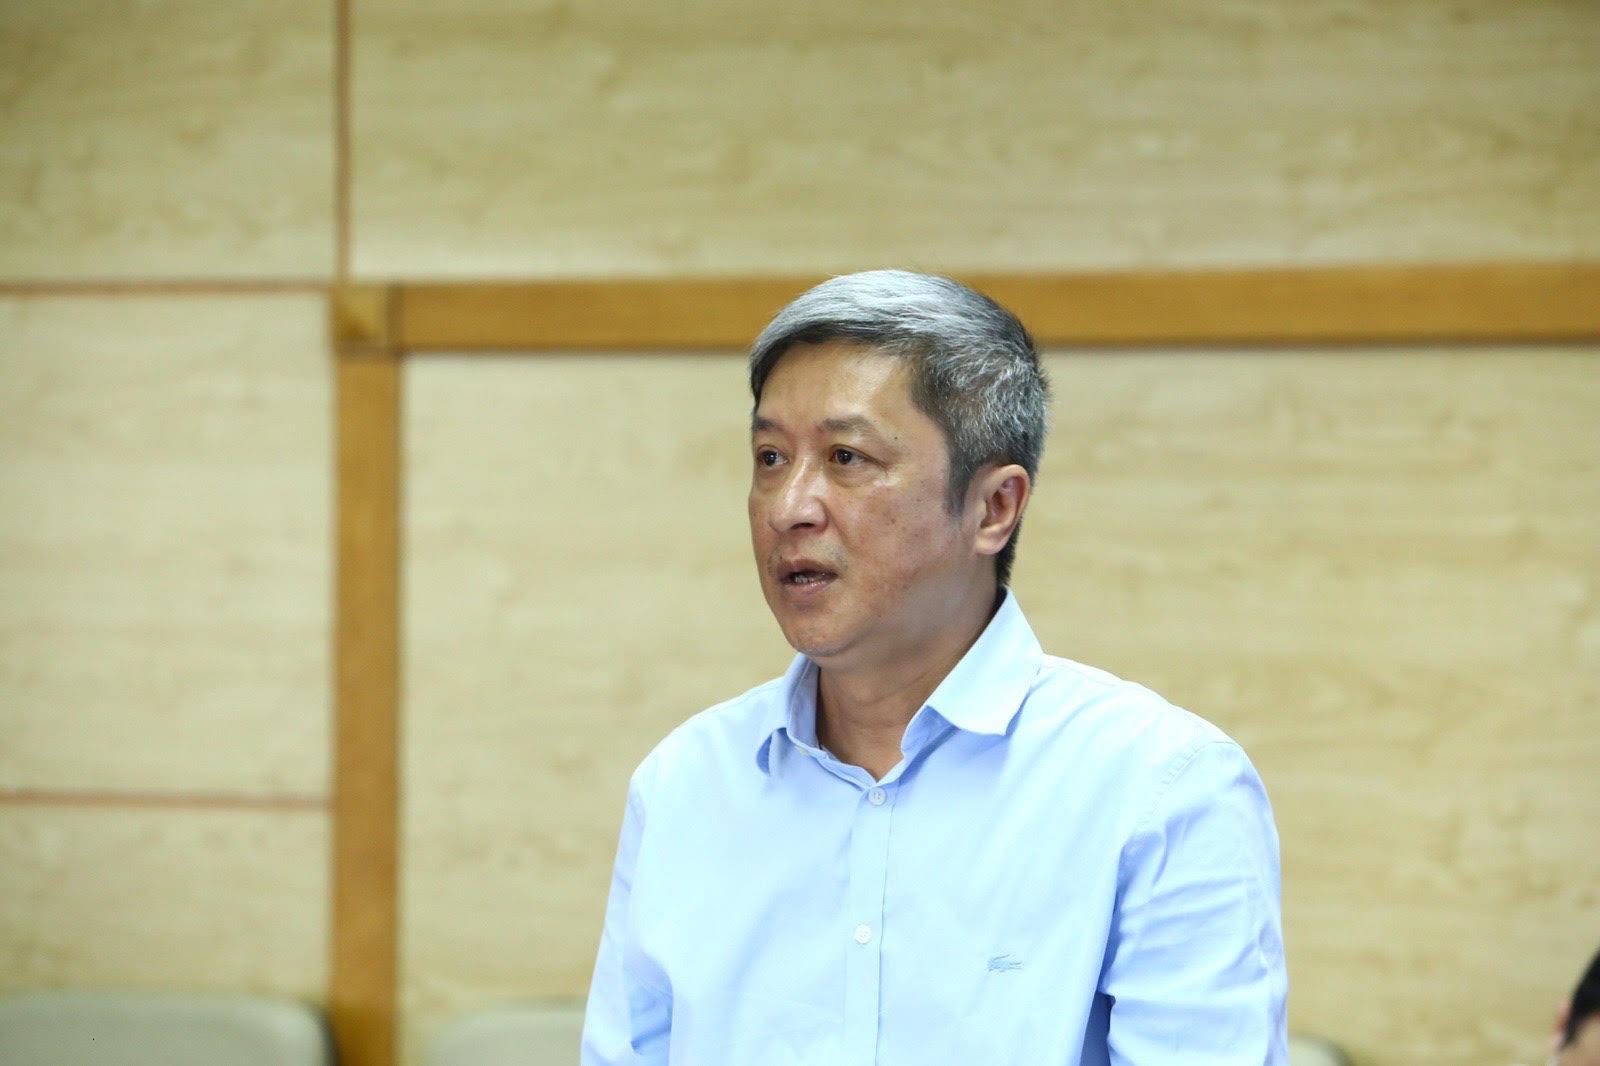 Ban Bí thư chỉ định Thứ trưởng Bộ Y tế kiêm chức vụ mới - Ảnh 1.